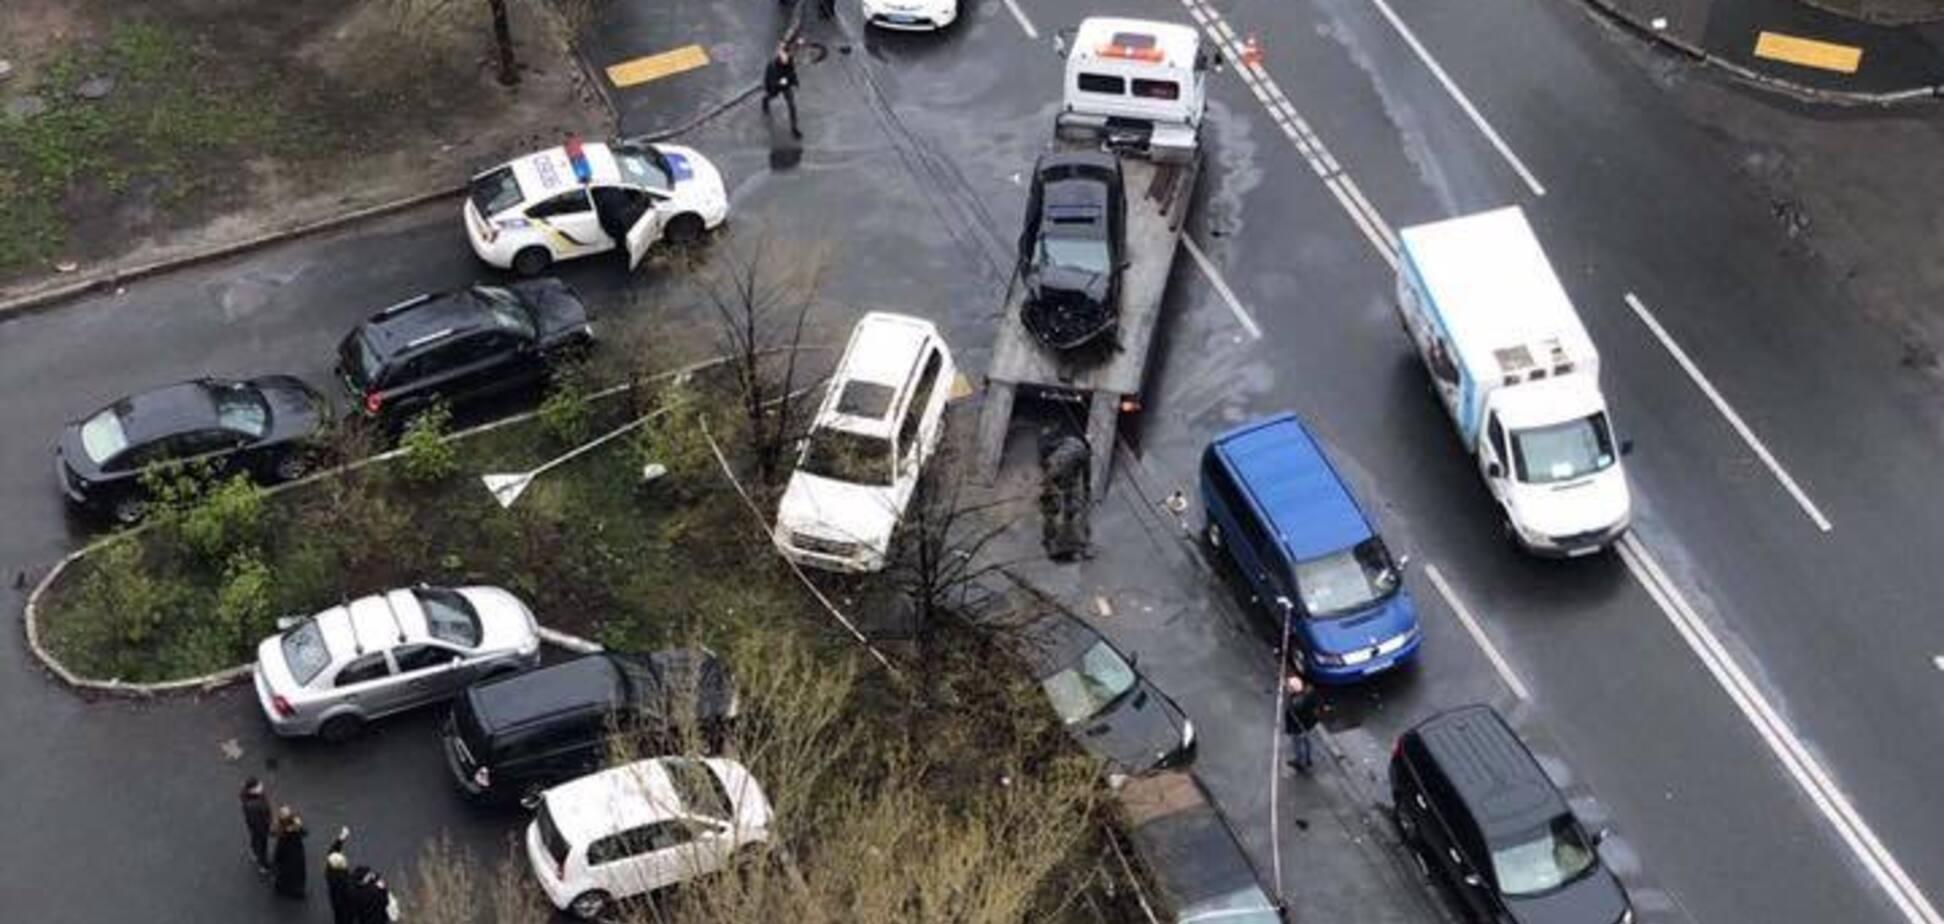 Хотели устроить самосуд: в Киеве водитель авто разбил 4 машины